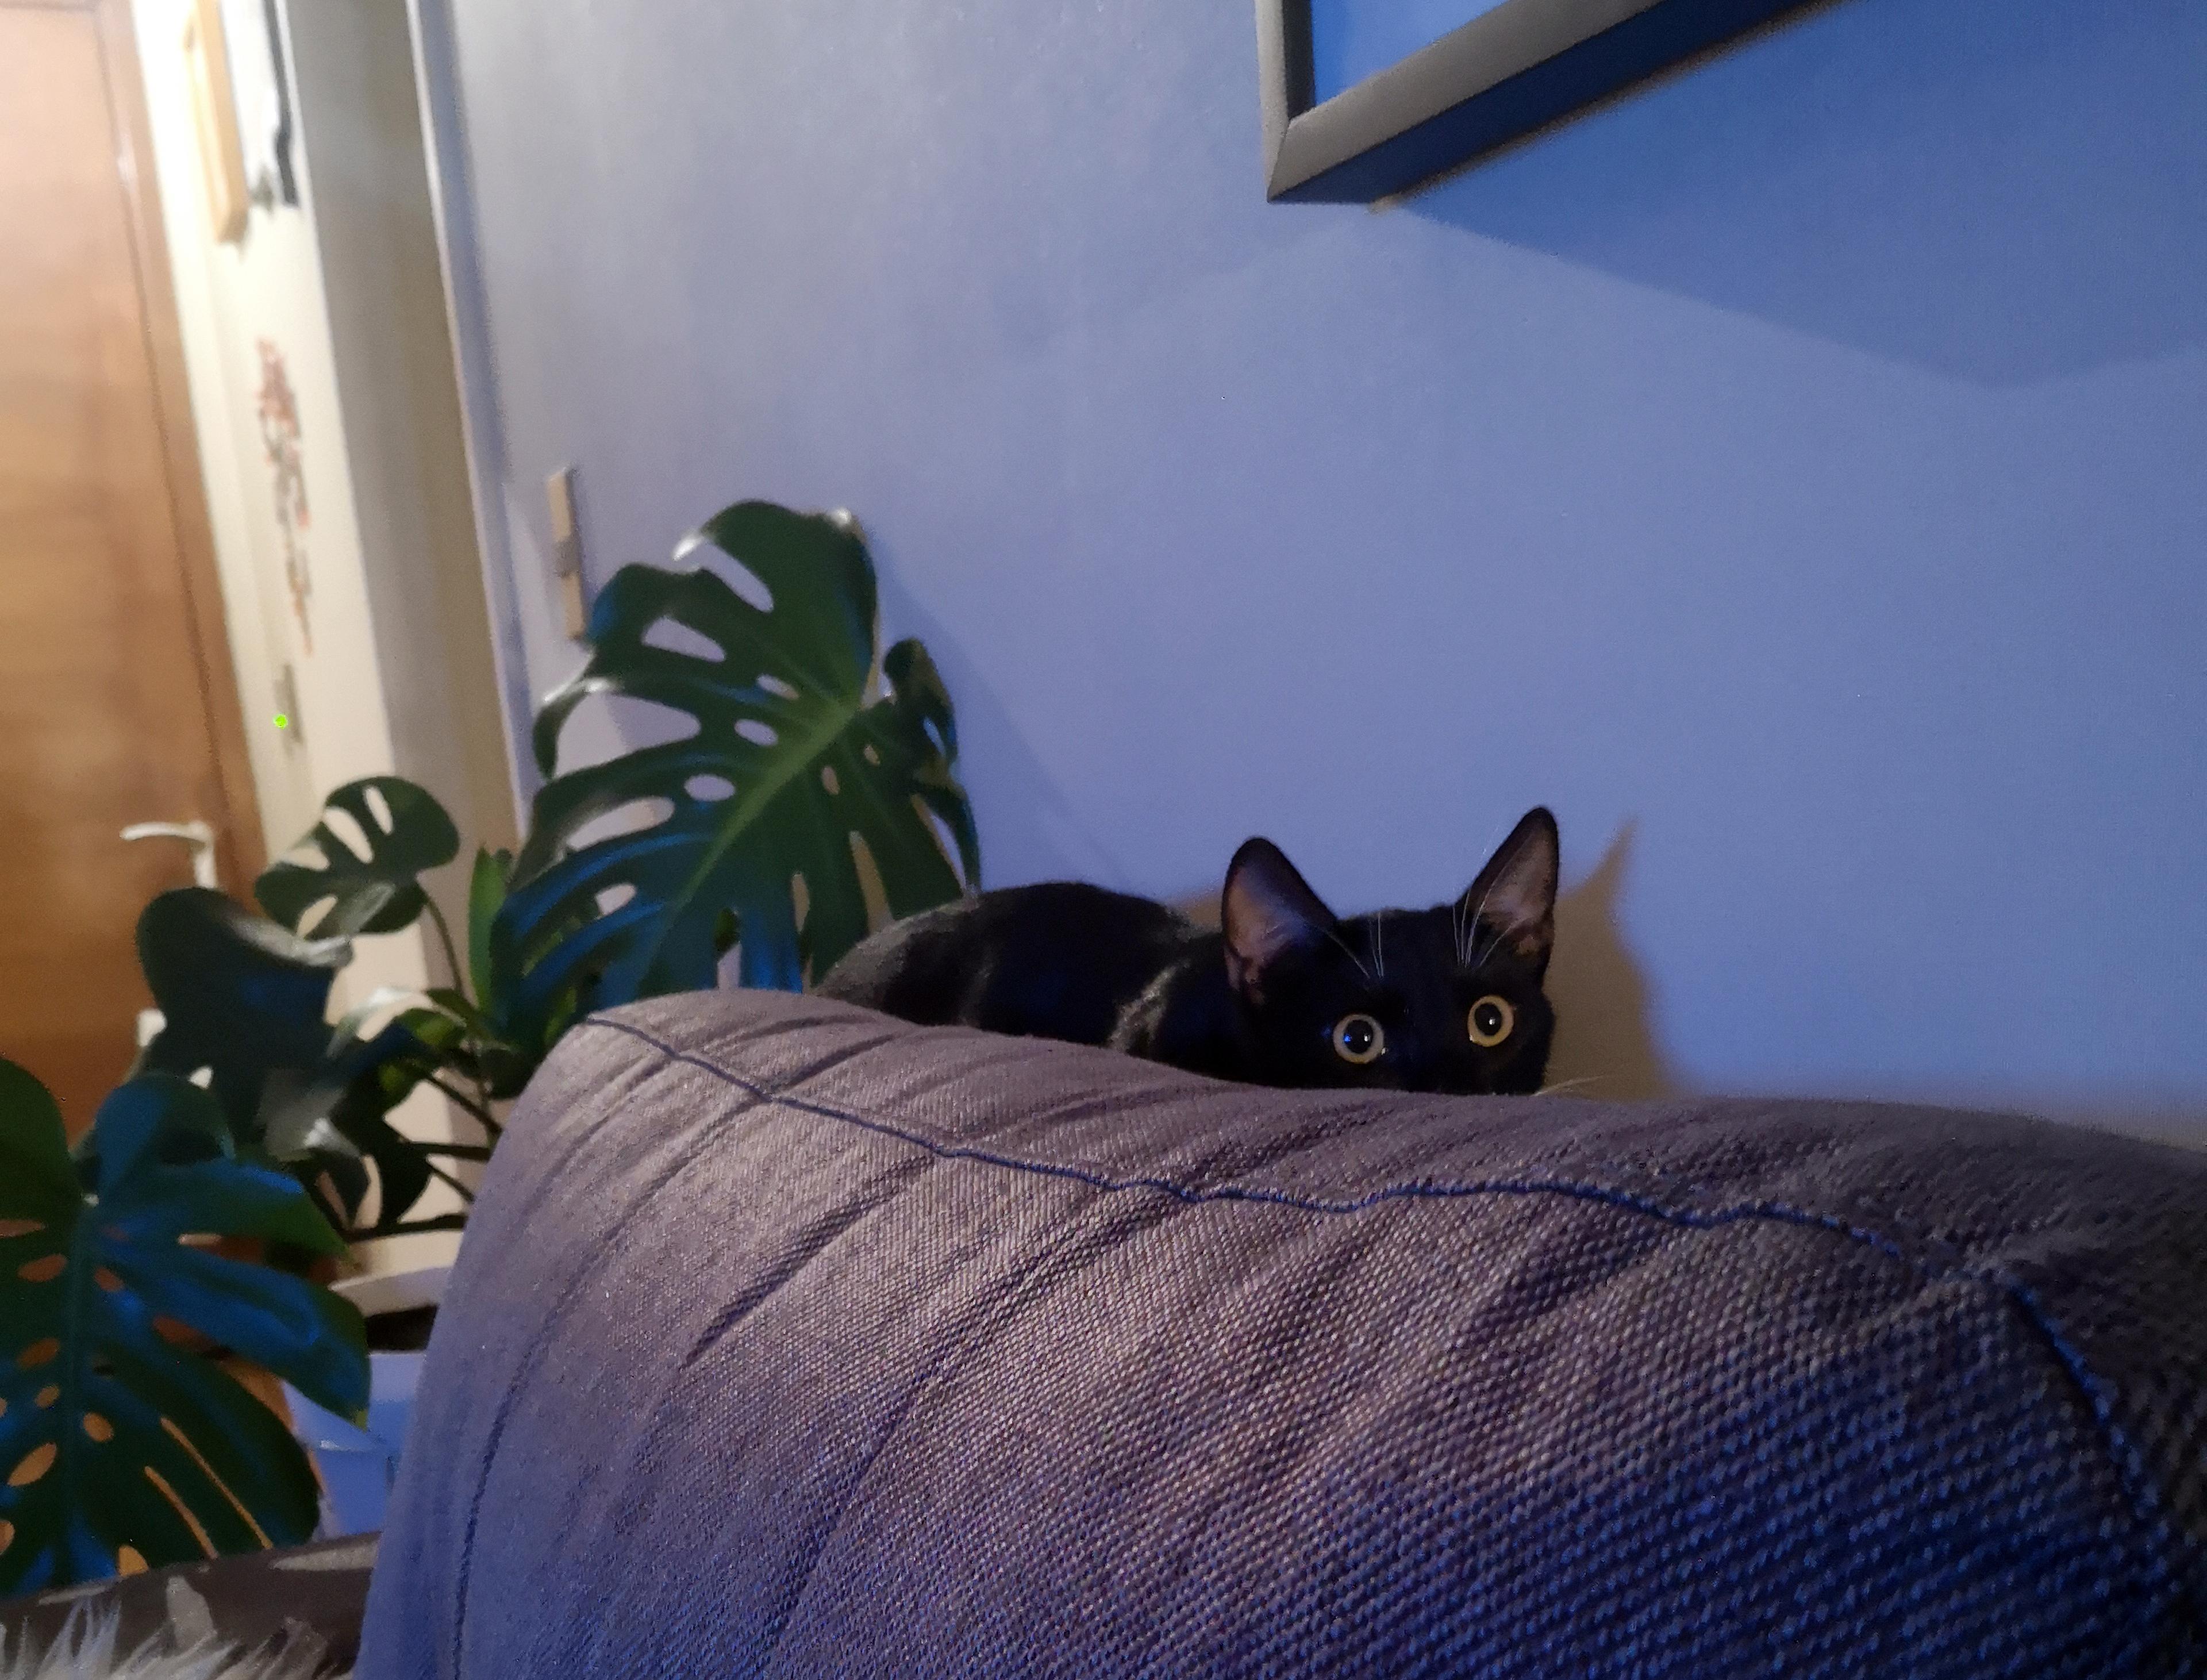 Mascotas & compañeras: Monrix y Gal 3